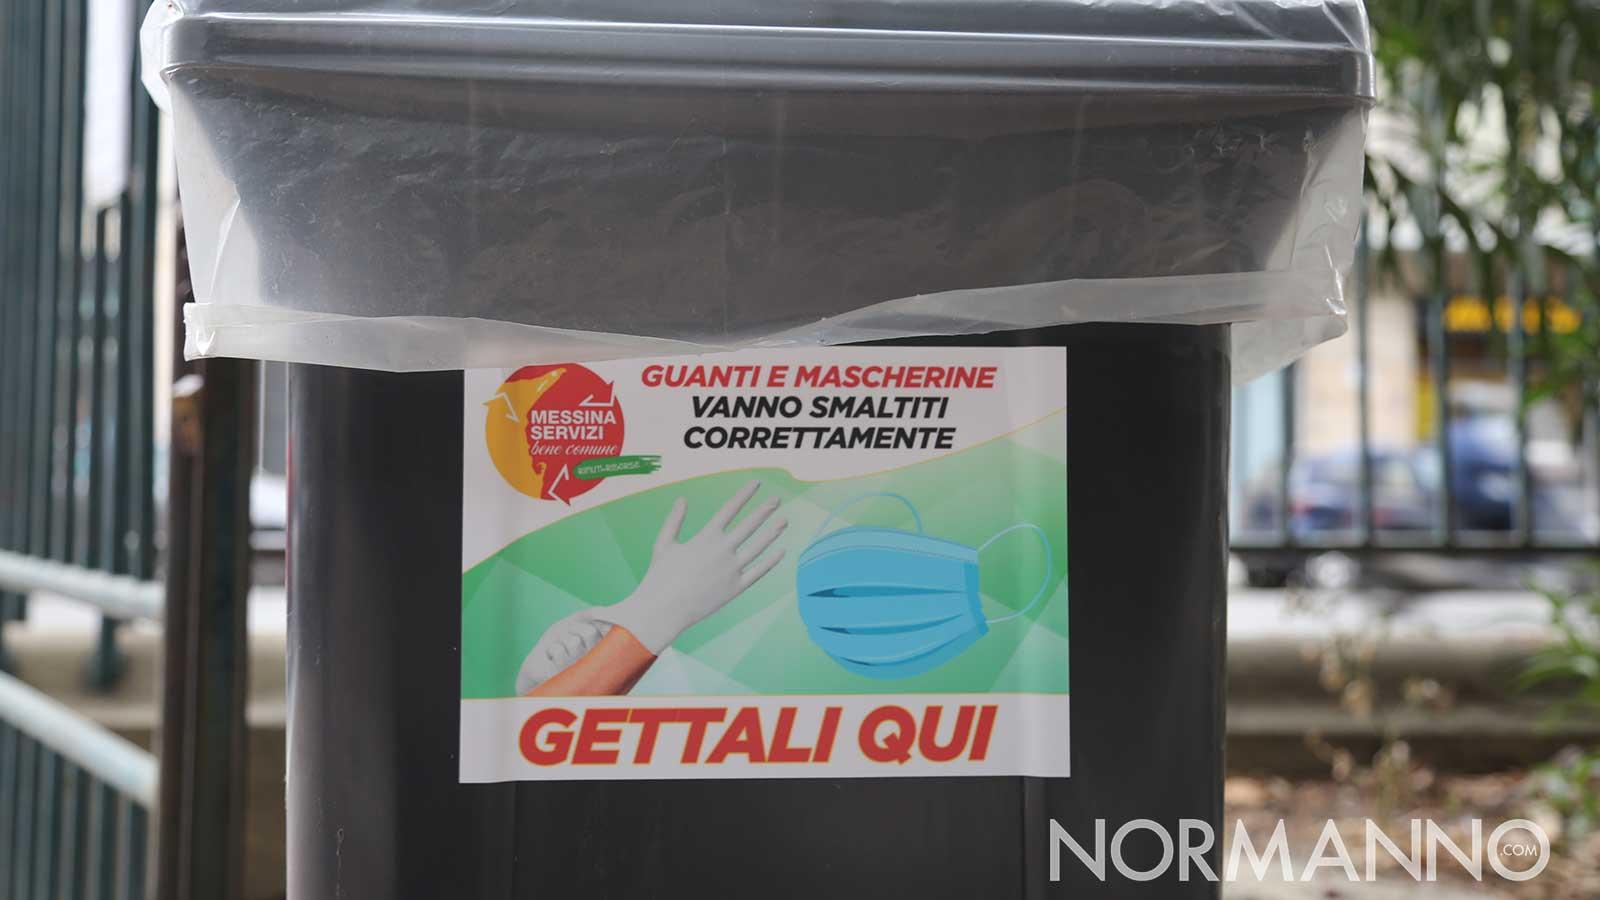 cartello di messinaservizi bene comune su dove gettare guanti e mascherine usate